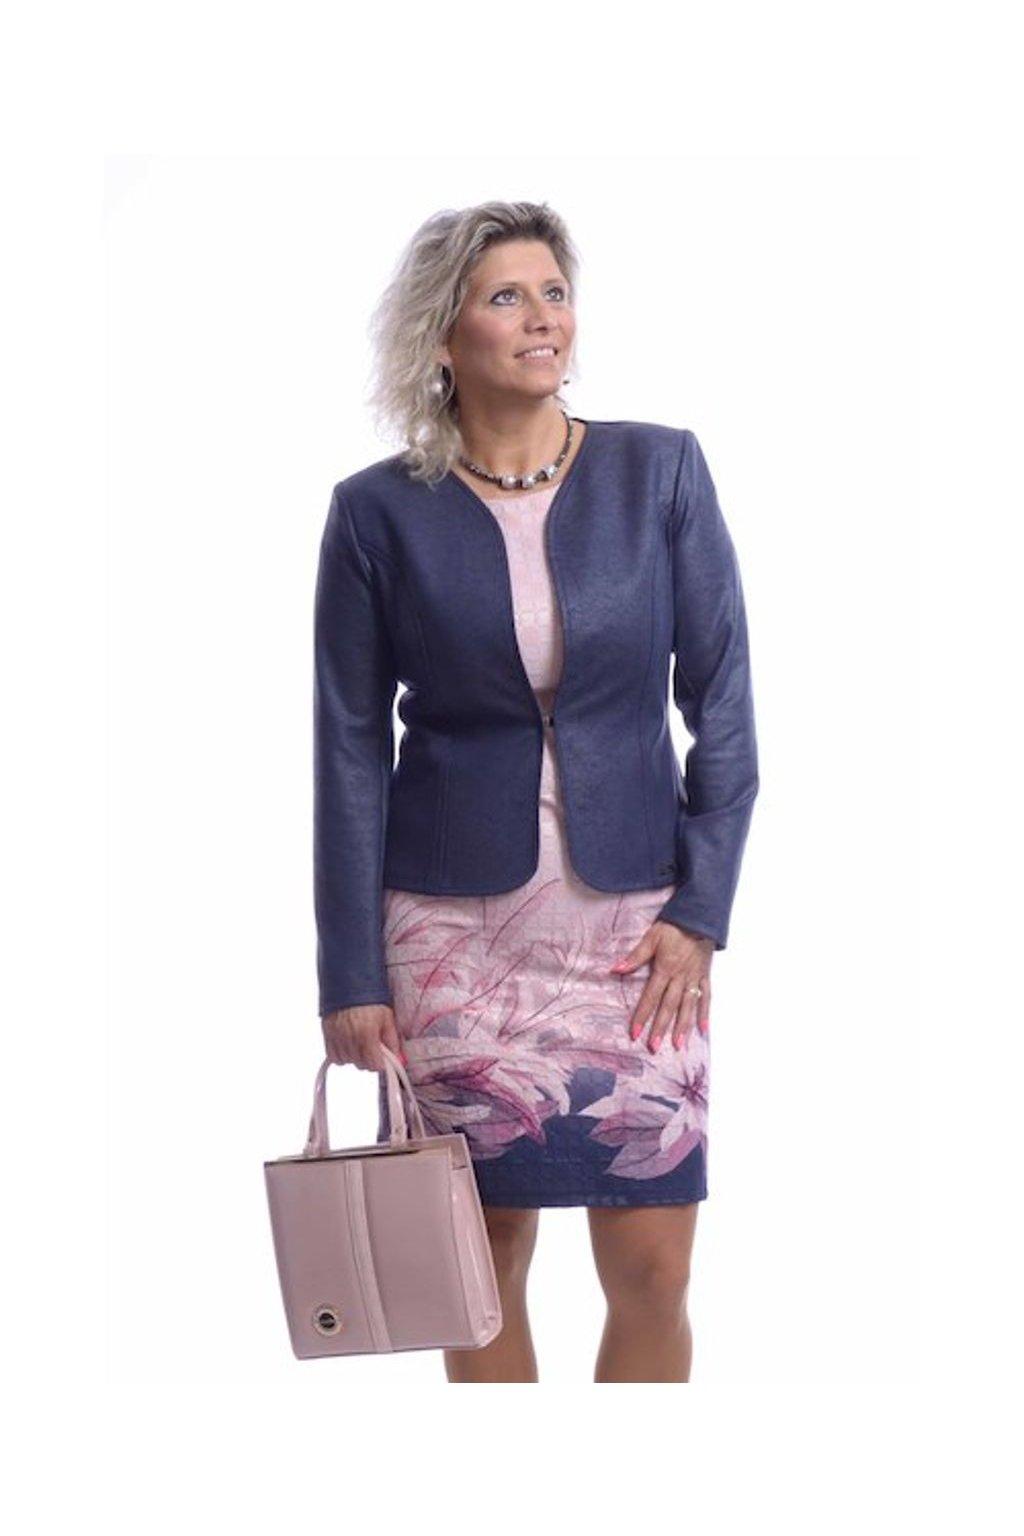 61T Kabátek Silueta (Velikost 36, Barva Modrá)